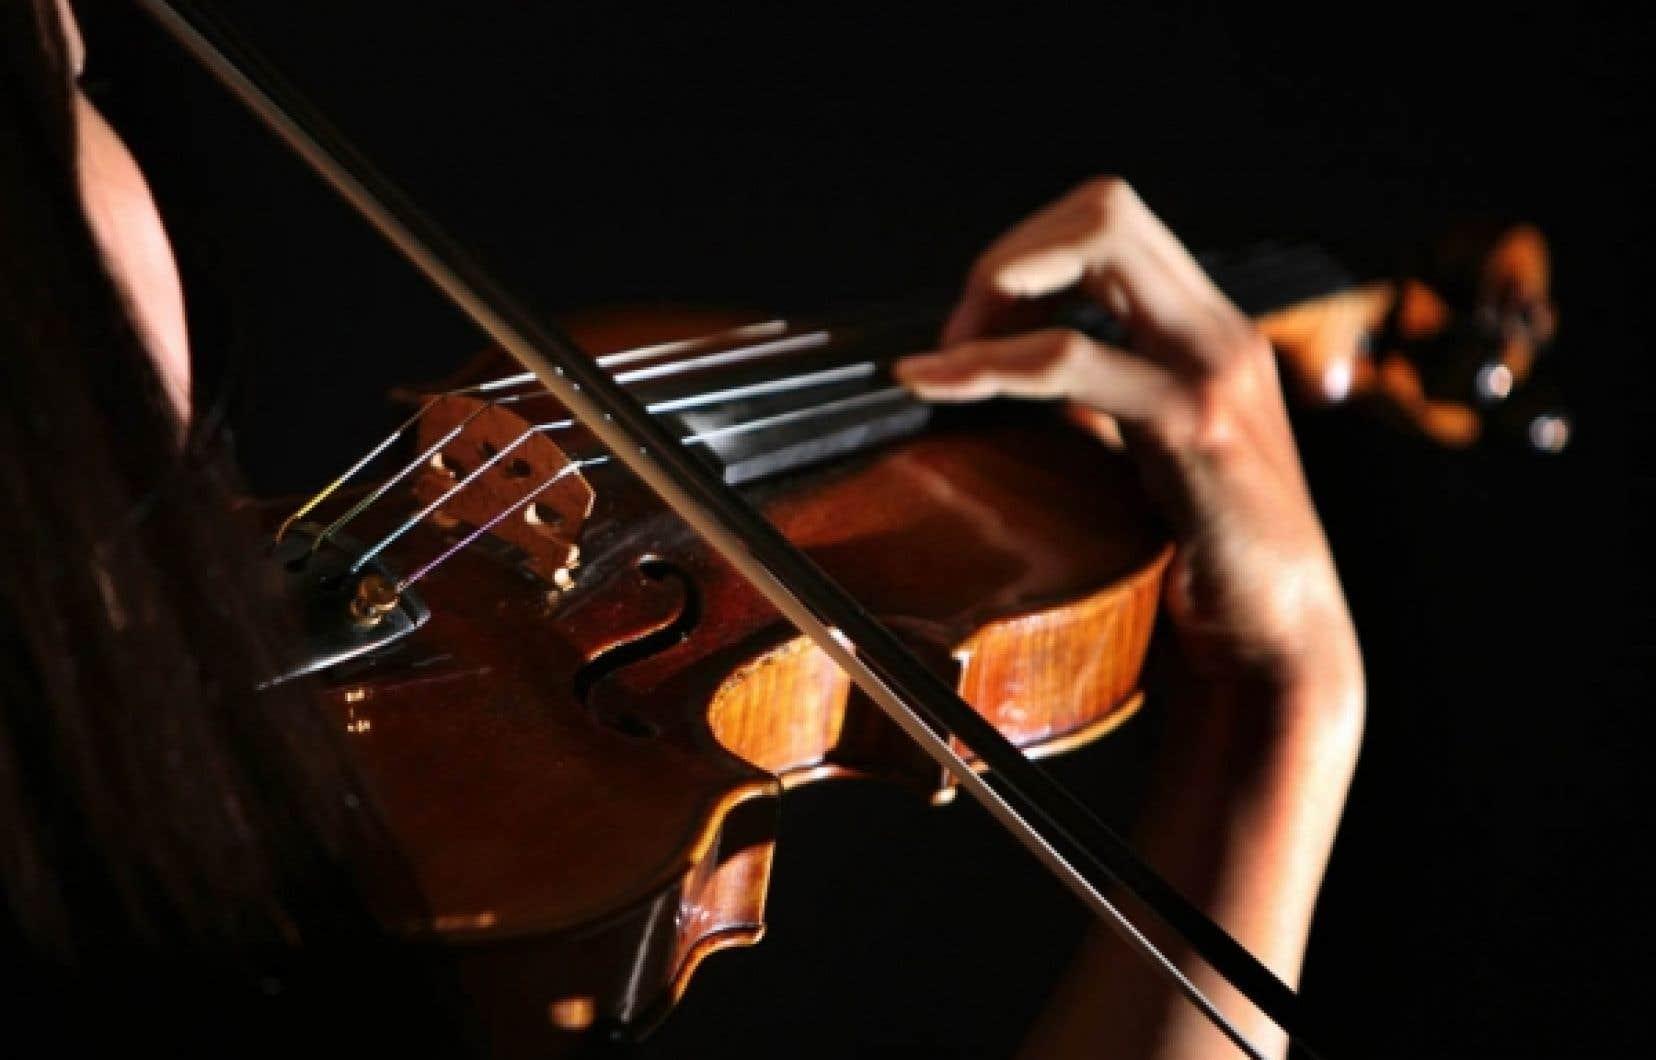 Pour expliquer son travail, le mathématicien Frédéric Rochon prend l'exemple d'une corde de violon: on peut rendre compte de la vibration des ondes sur la corde avec une équation. Mais les choses sont beaucoup plus compliquées qu'il n'y paraît...<br />